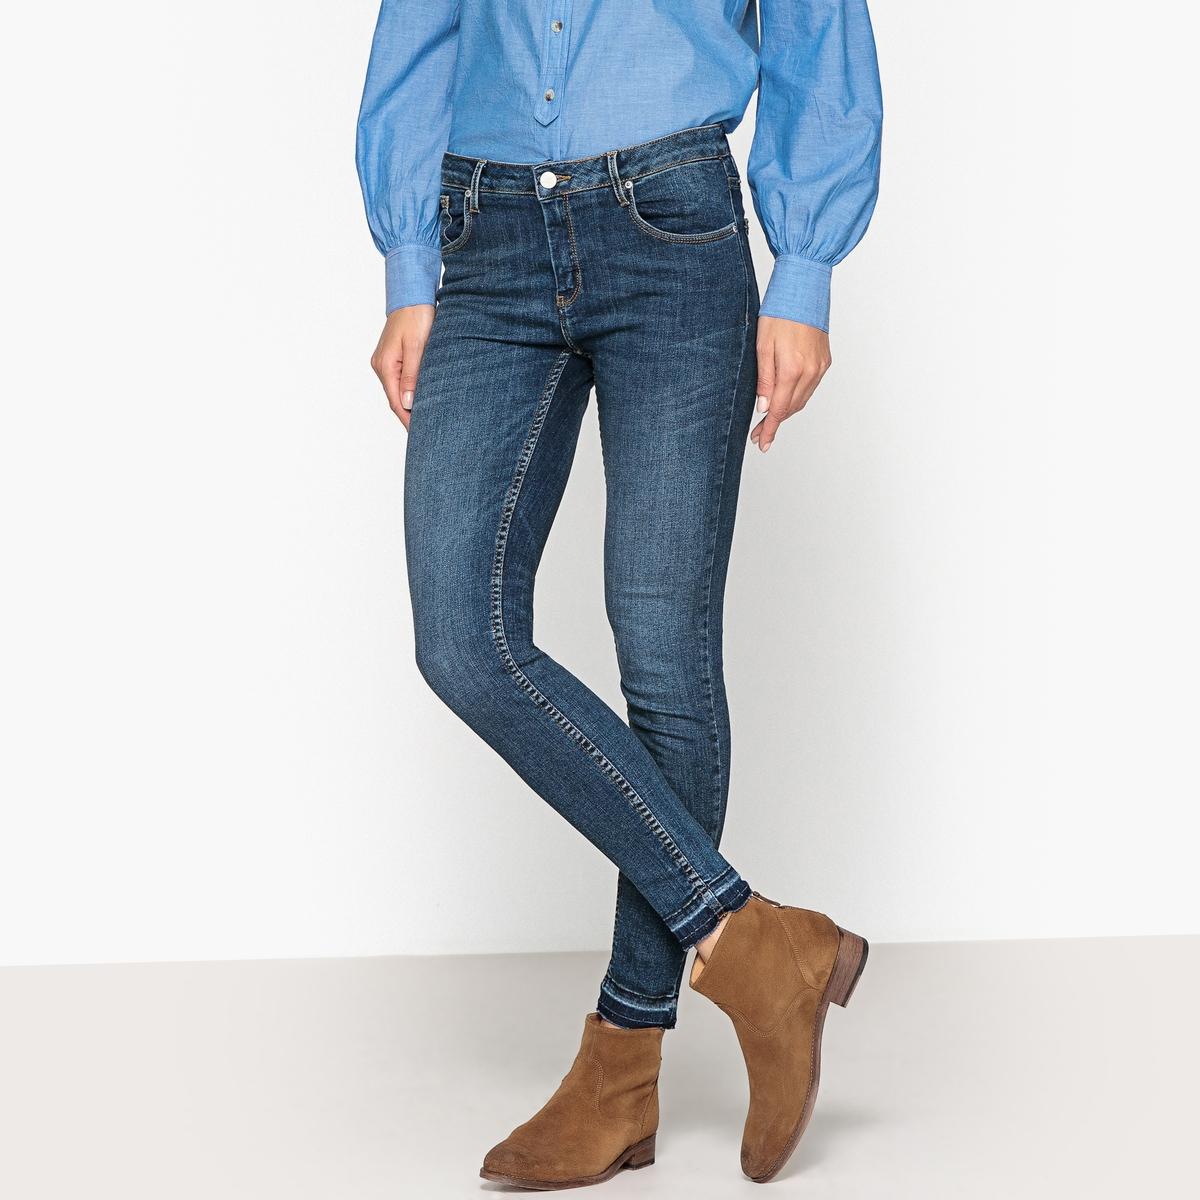 Джинсы скинни LILY джинсы скинни zeniah длина 32